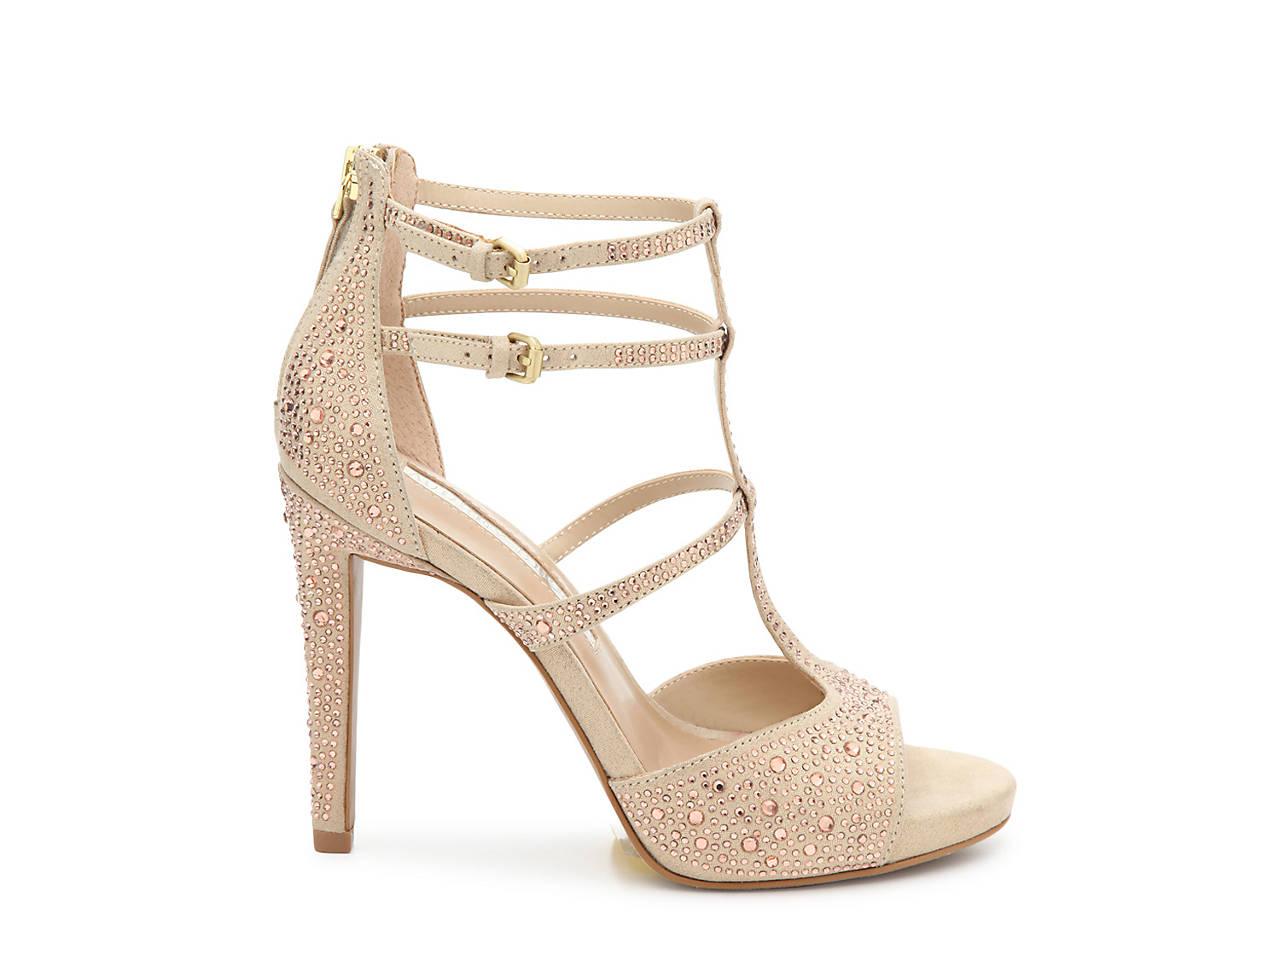 35c4d321506 Audrey Brooke Nicole Platform Sandal Women s Shoes